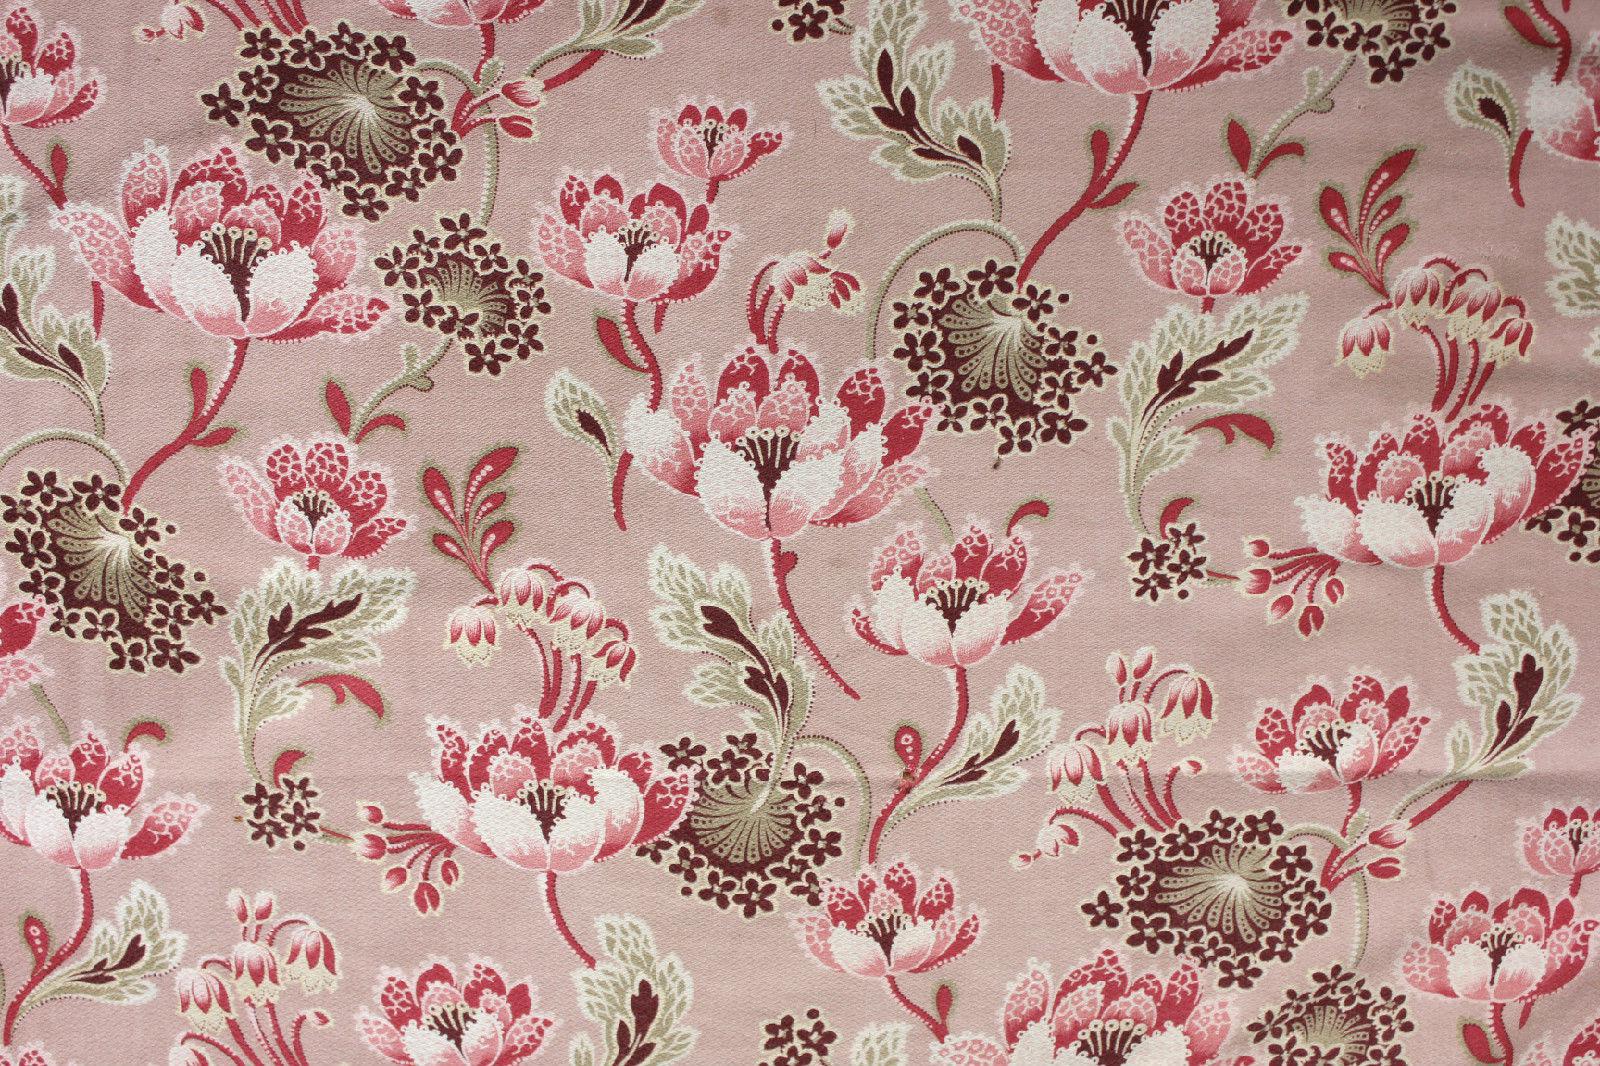 Antique French Art Nouveau Pink Floral Printed Cotton Cretonne